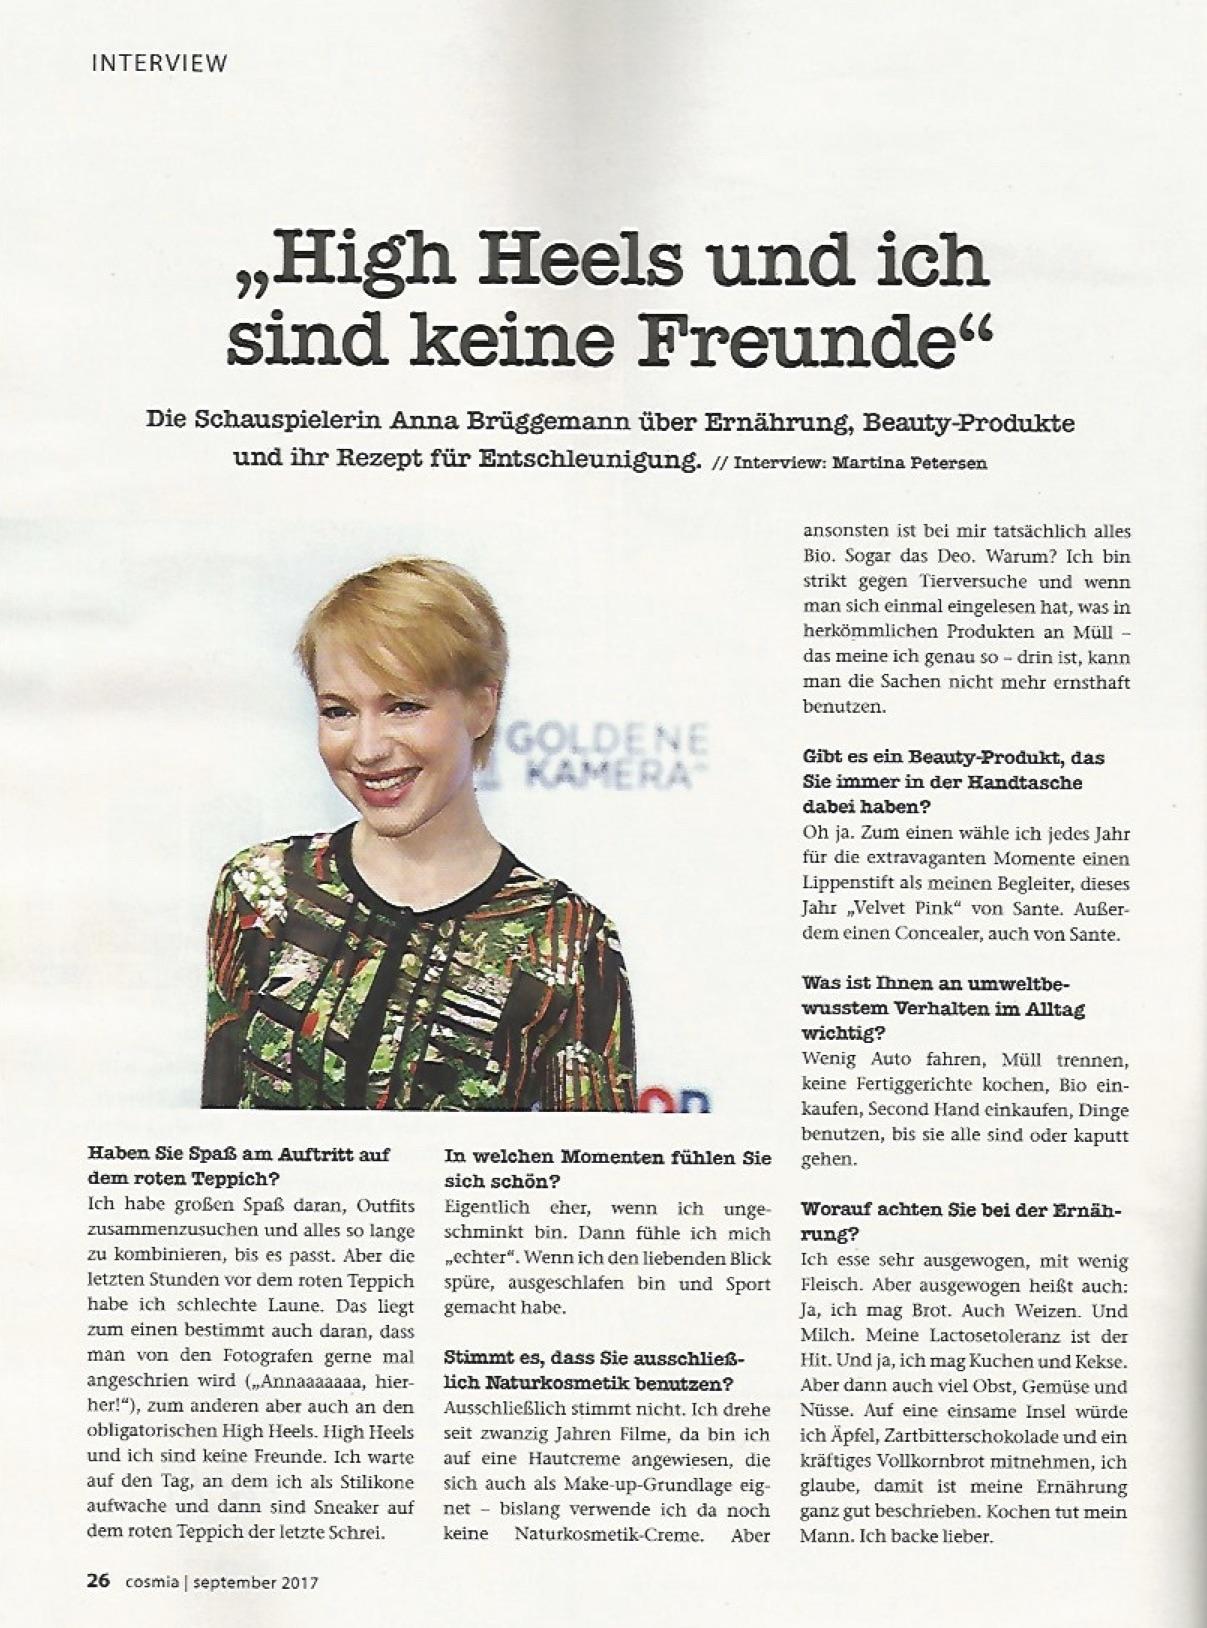 Anna Brüggemann @ Cosmia